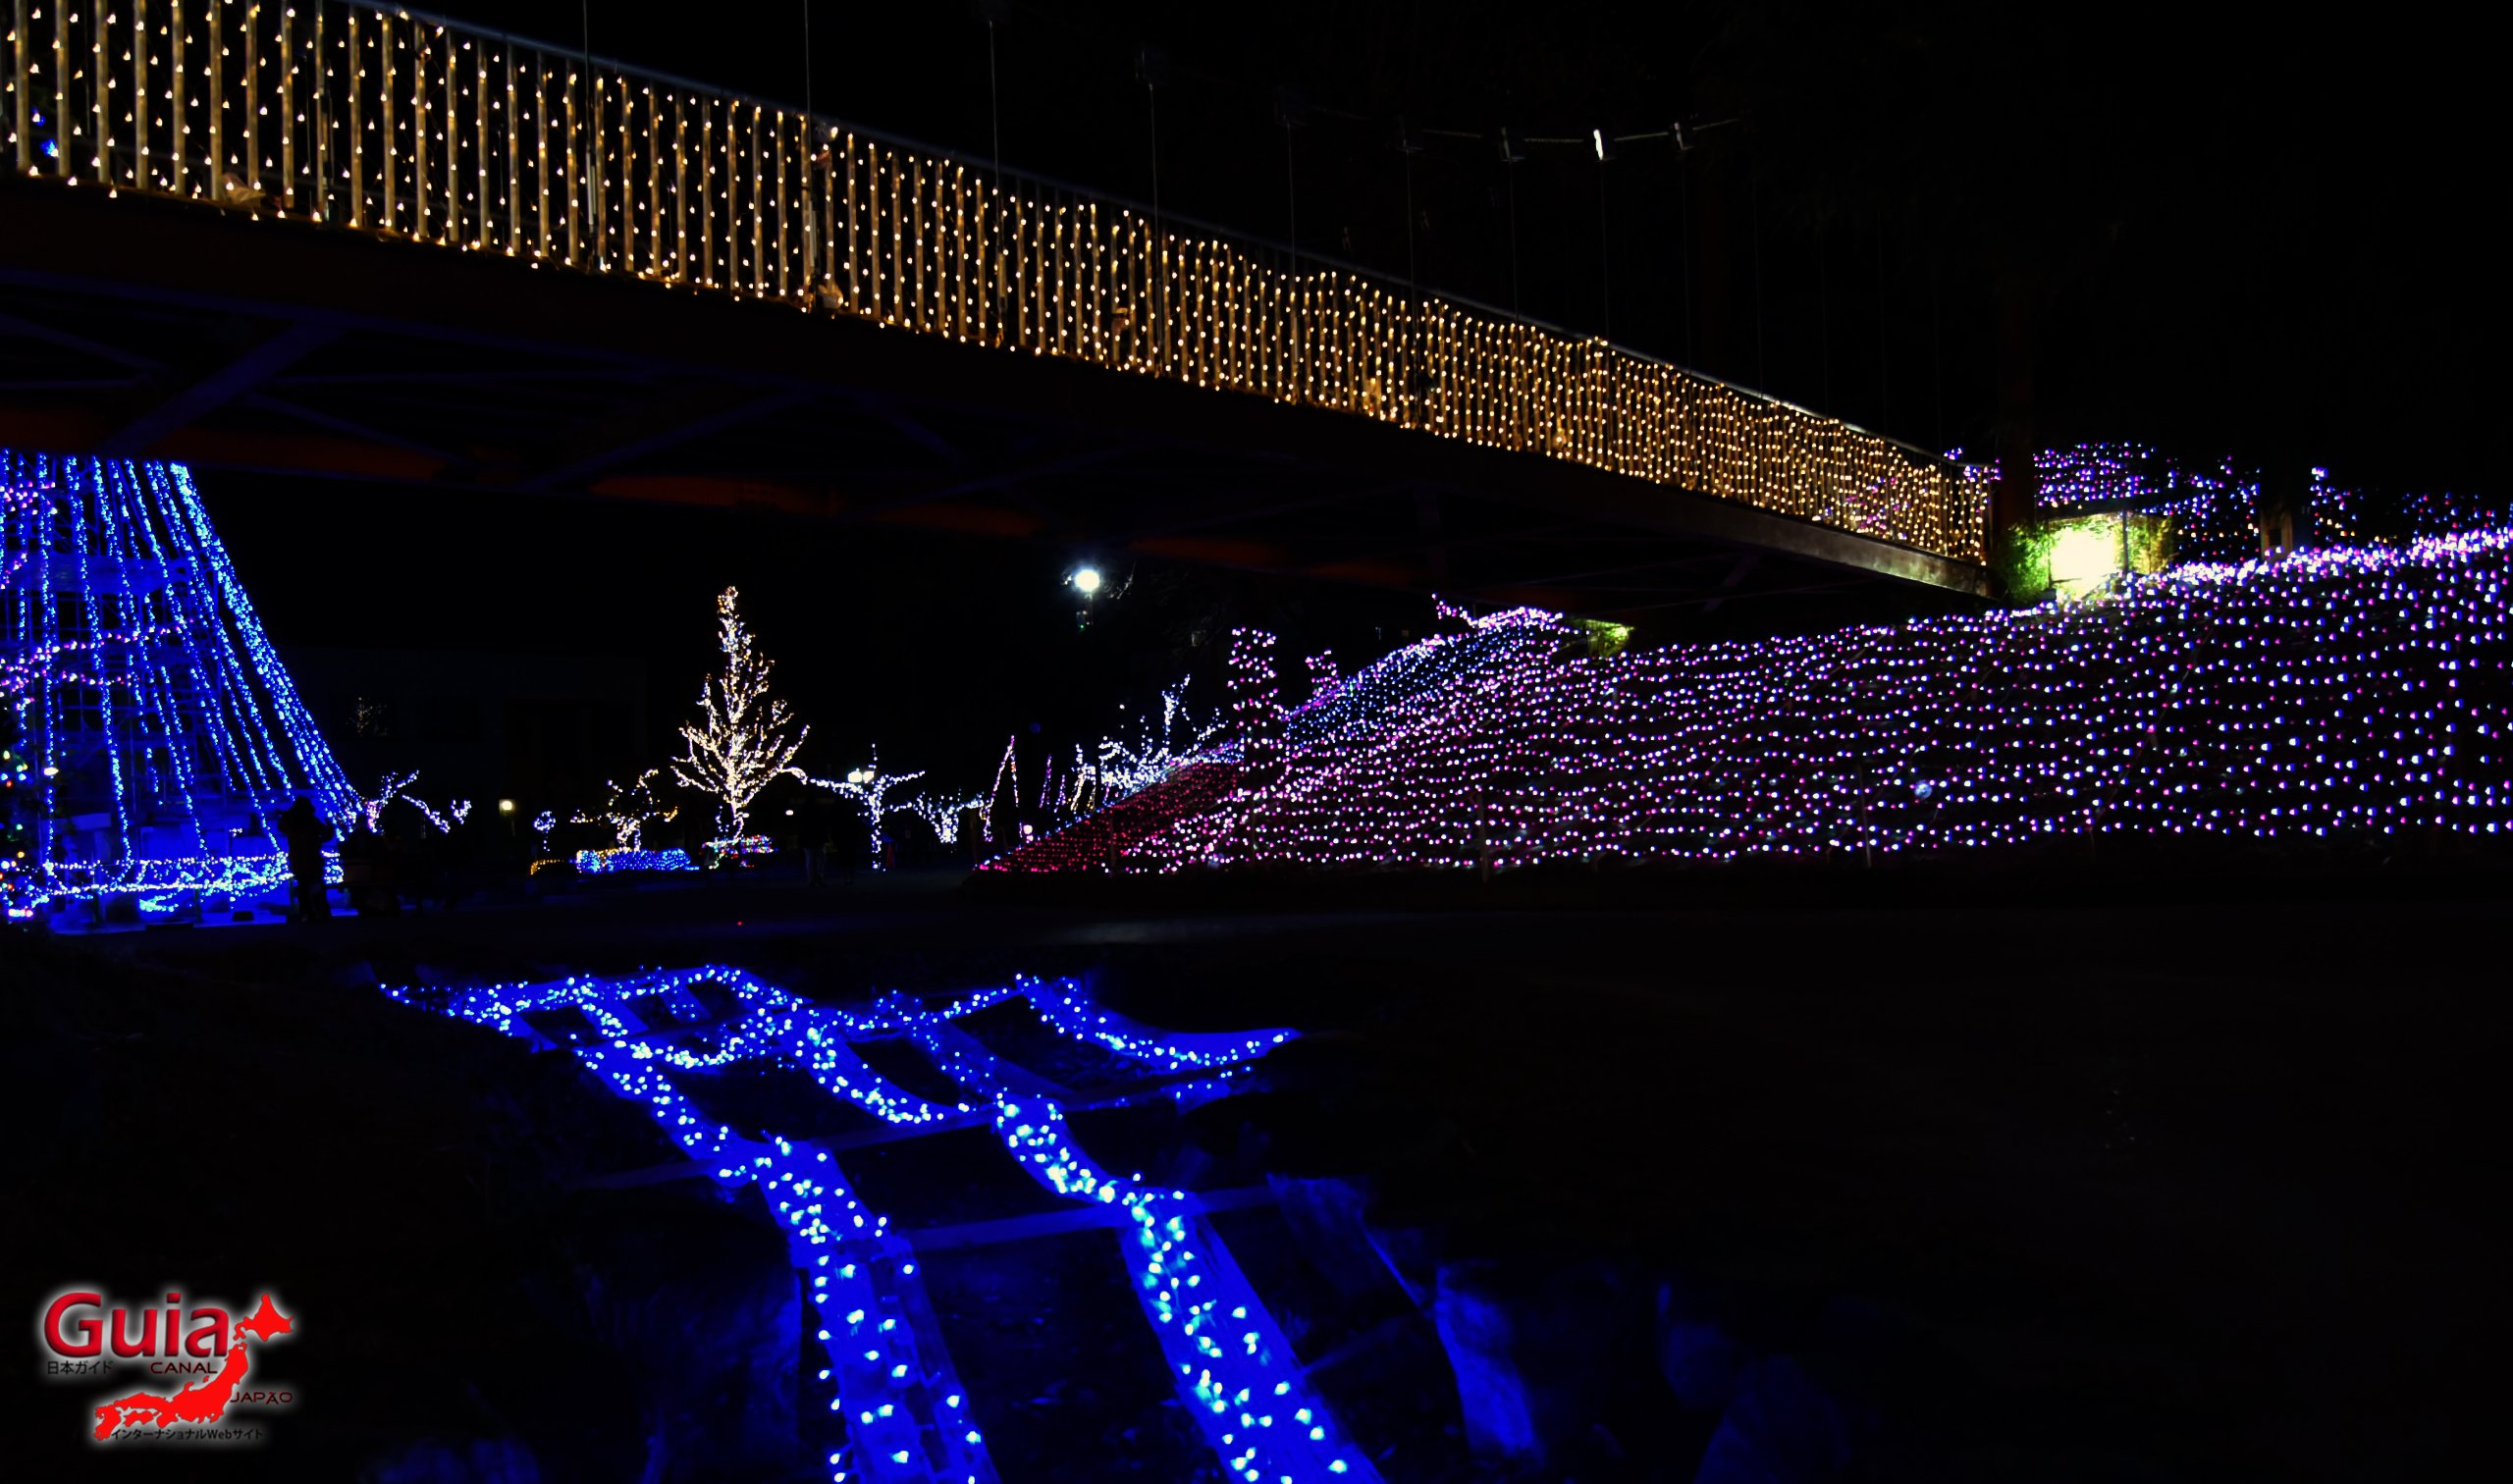 Chiryu - Зул сарын баярын гэрэлтүүлэг 4